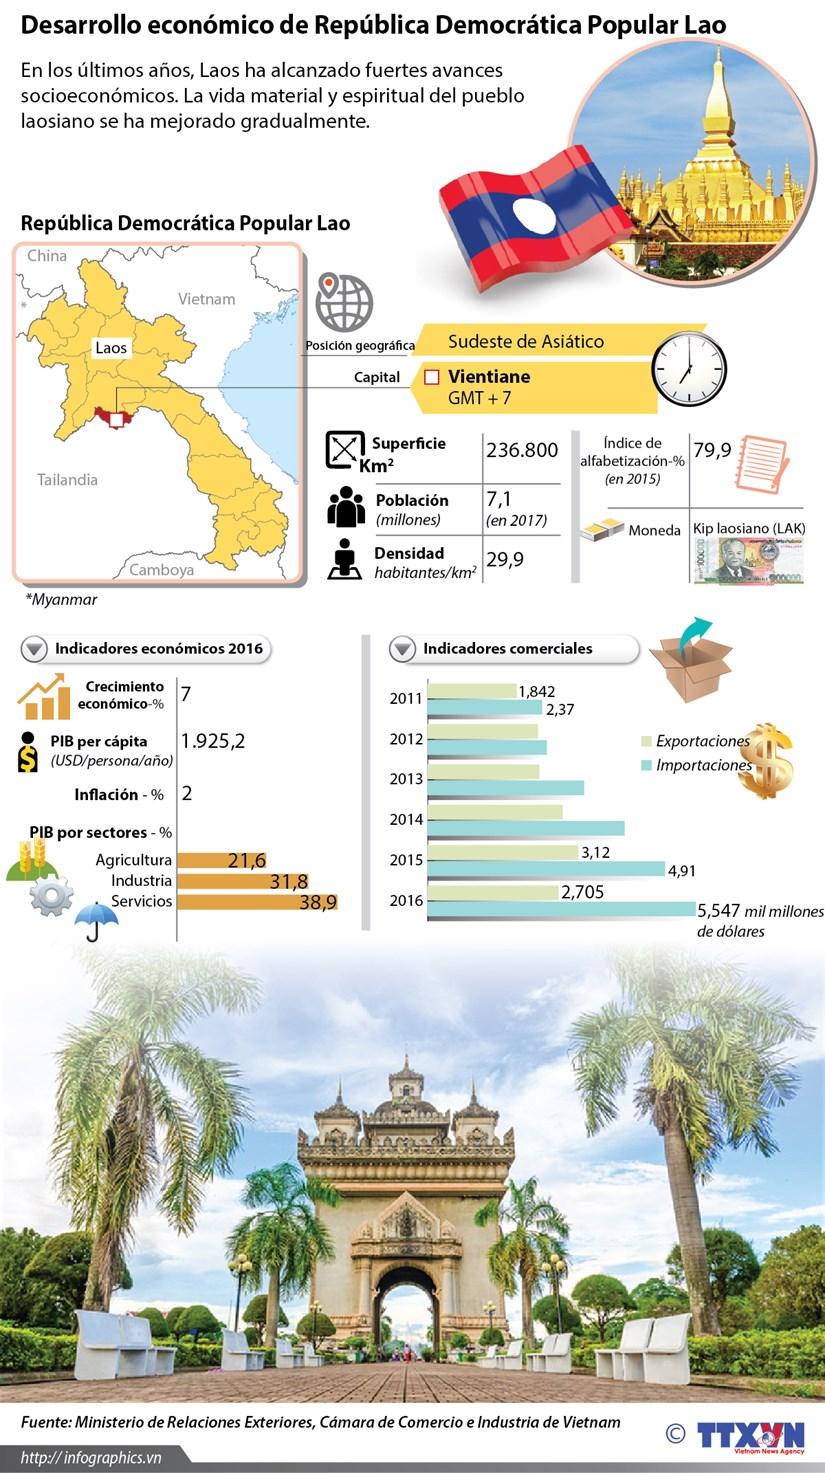 [Infografia] Desarrollo economico de Republica Democratica Popular Lao hinh anh 1